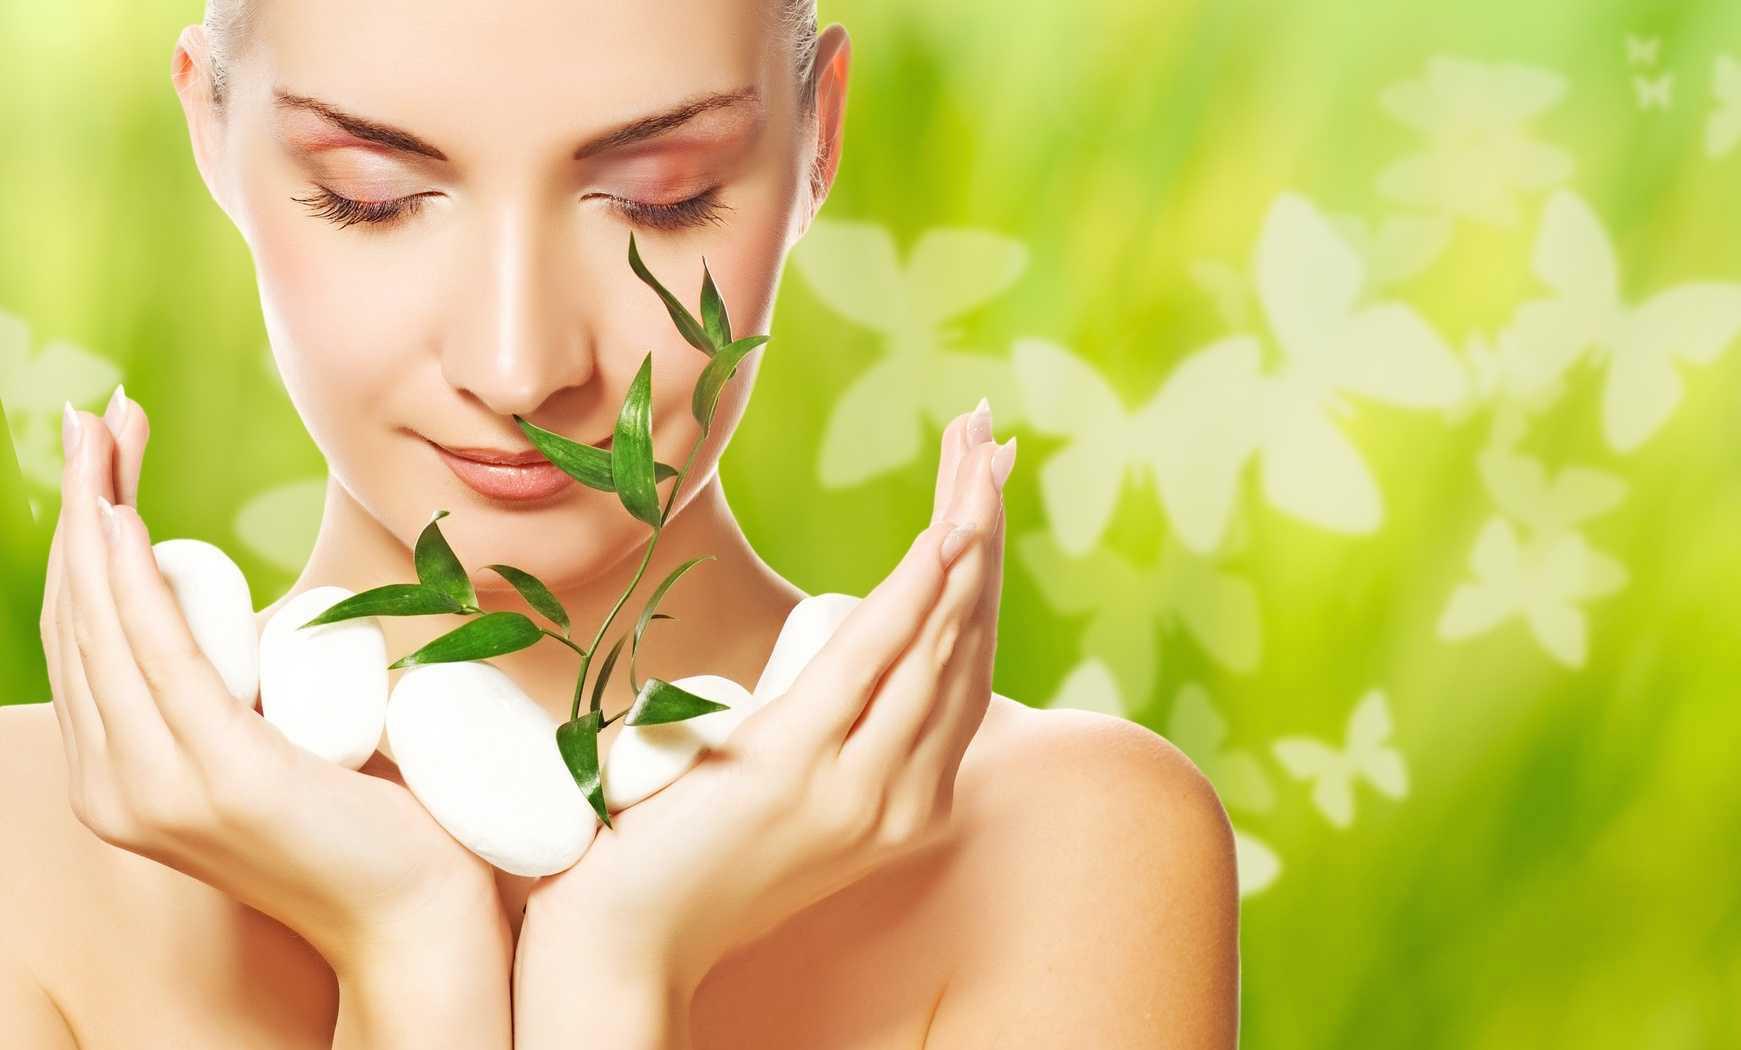 cosmeticos naturais e caseiros